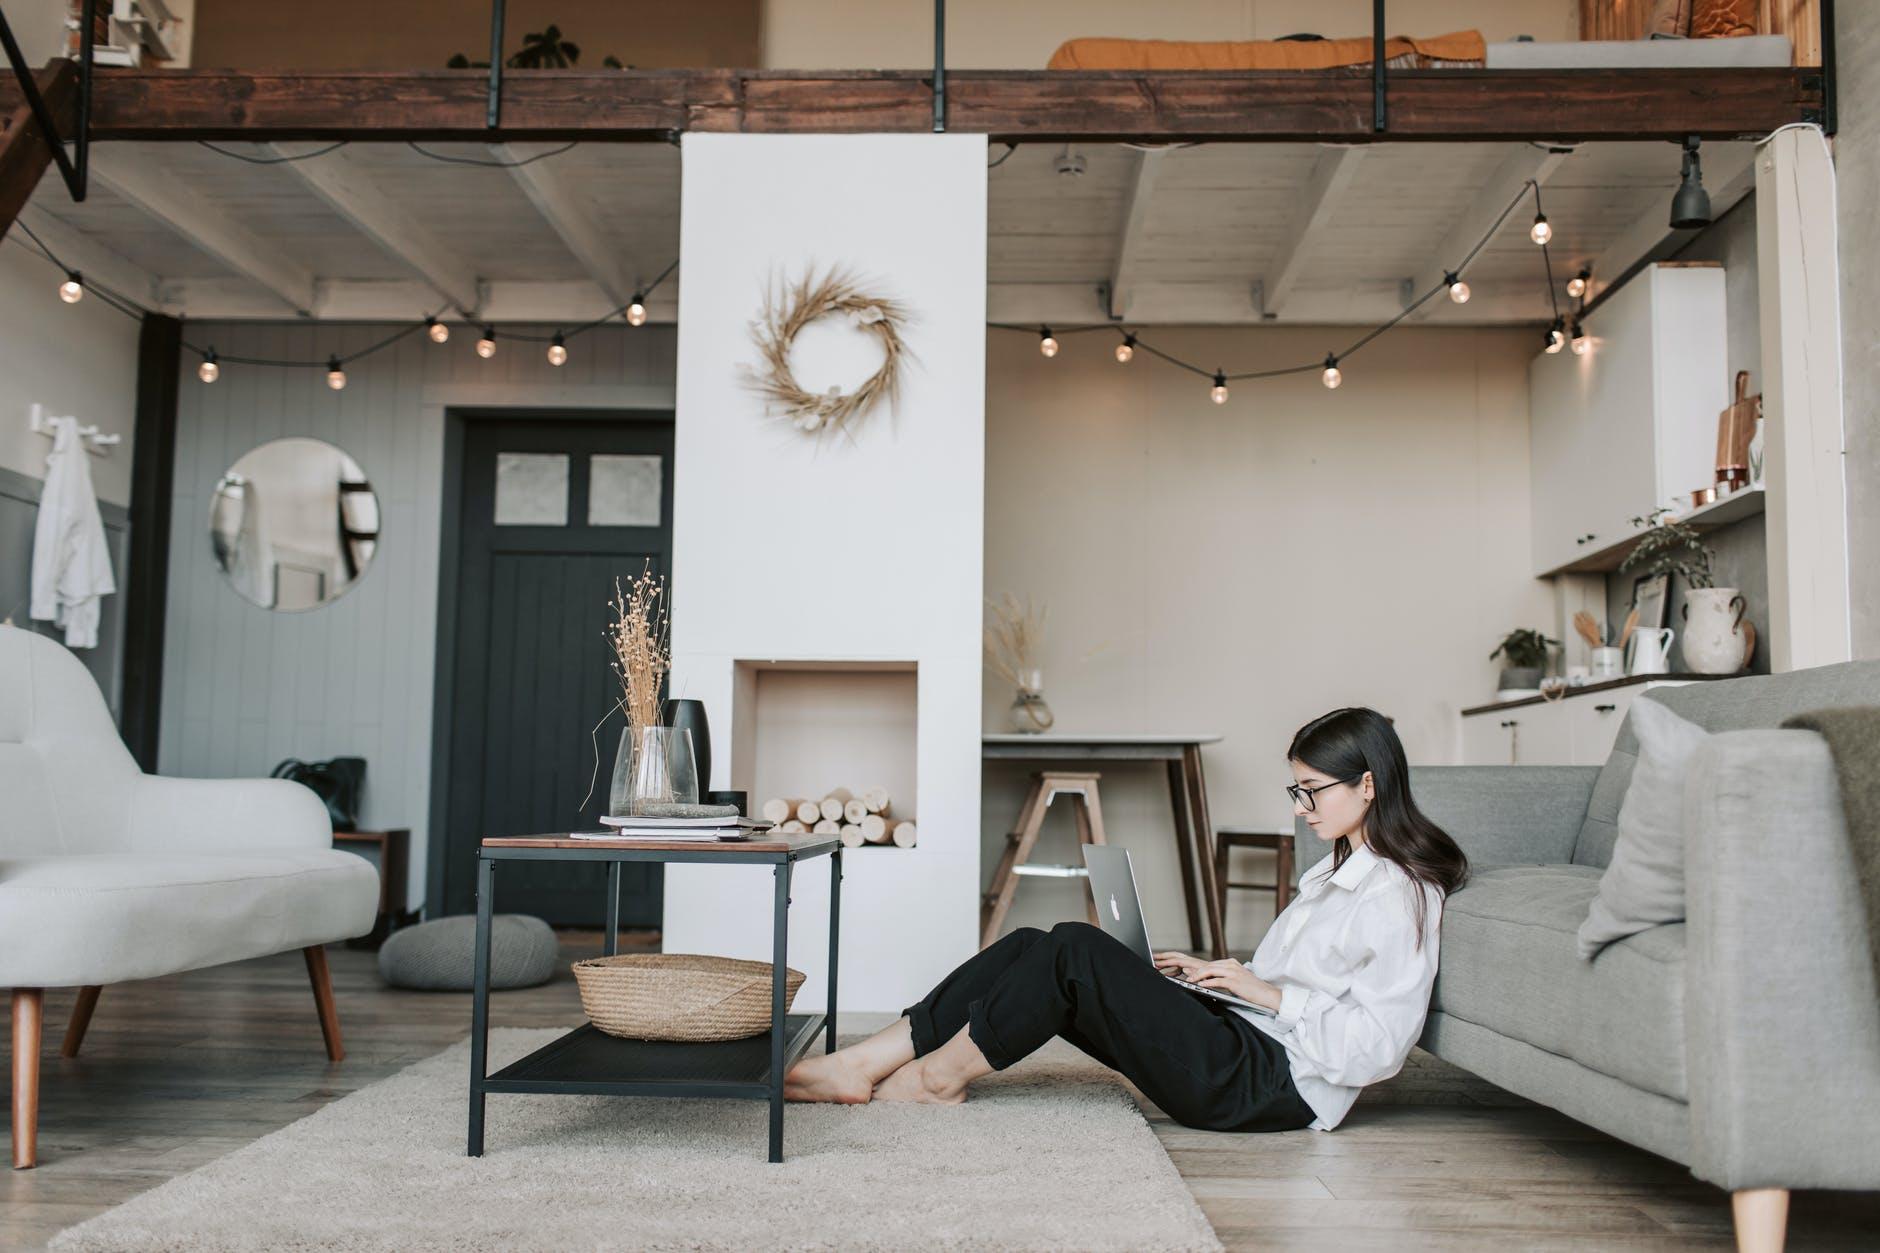 Seguro residencial para imóveis de alto padrão cresce 65% entre janeiro e setembro na 3 SEG